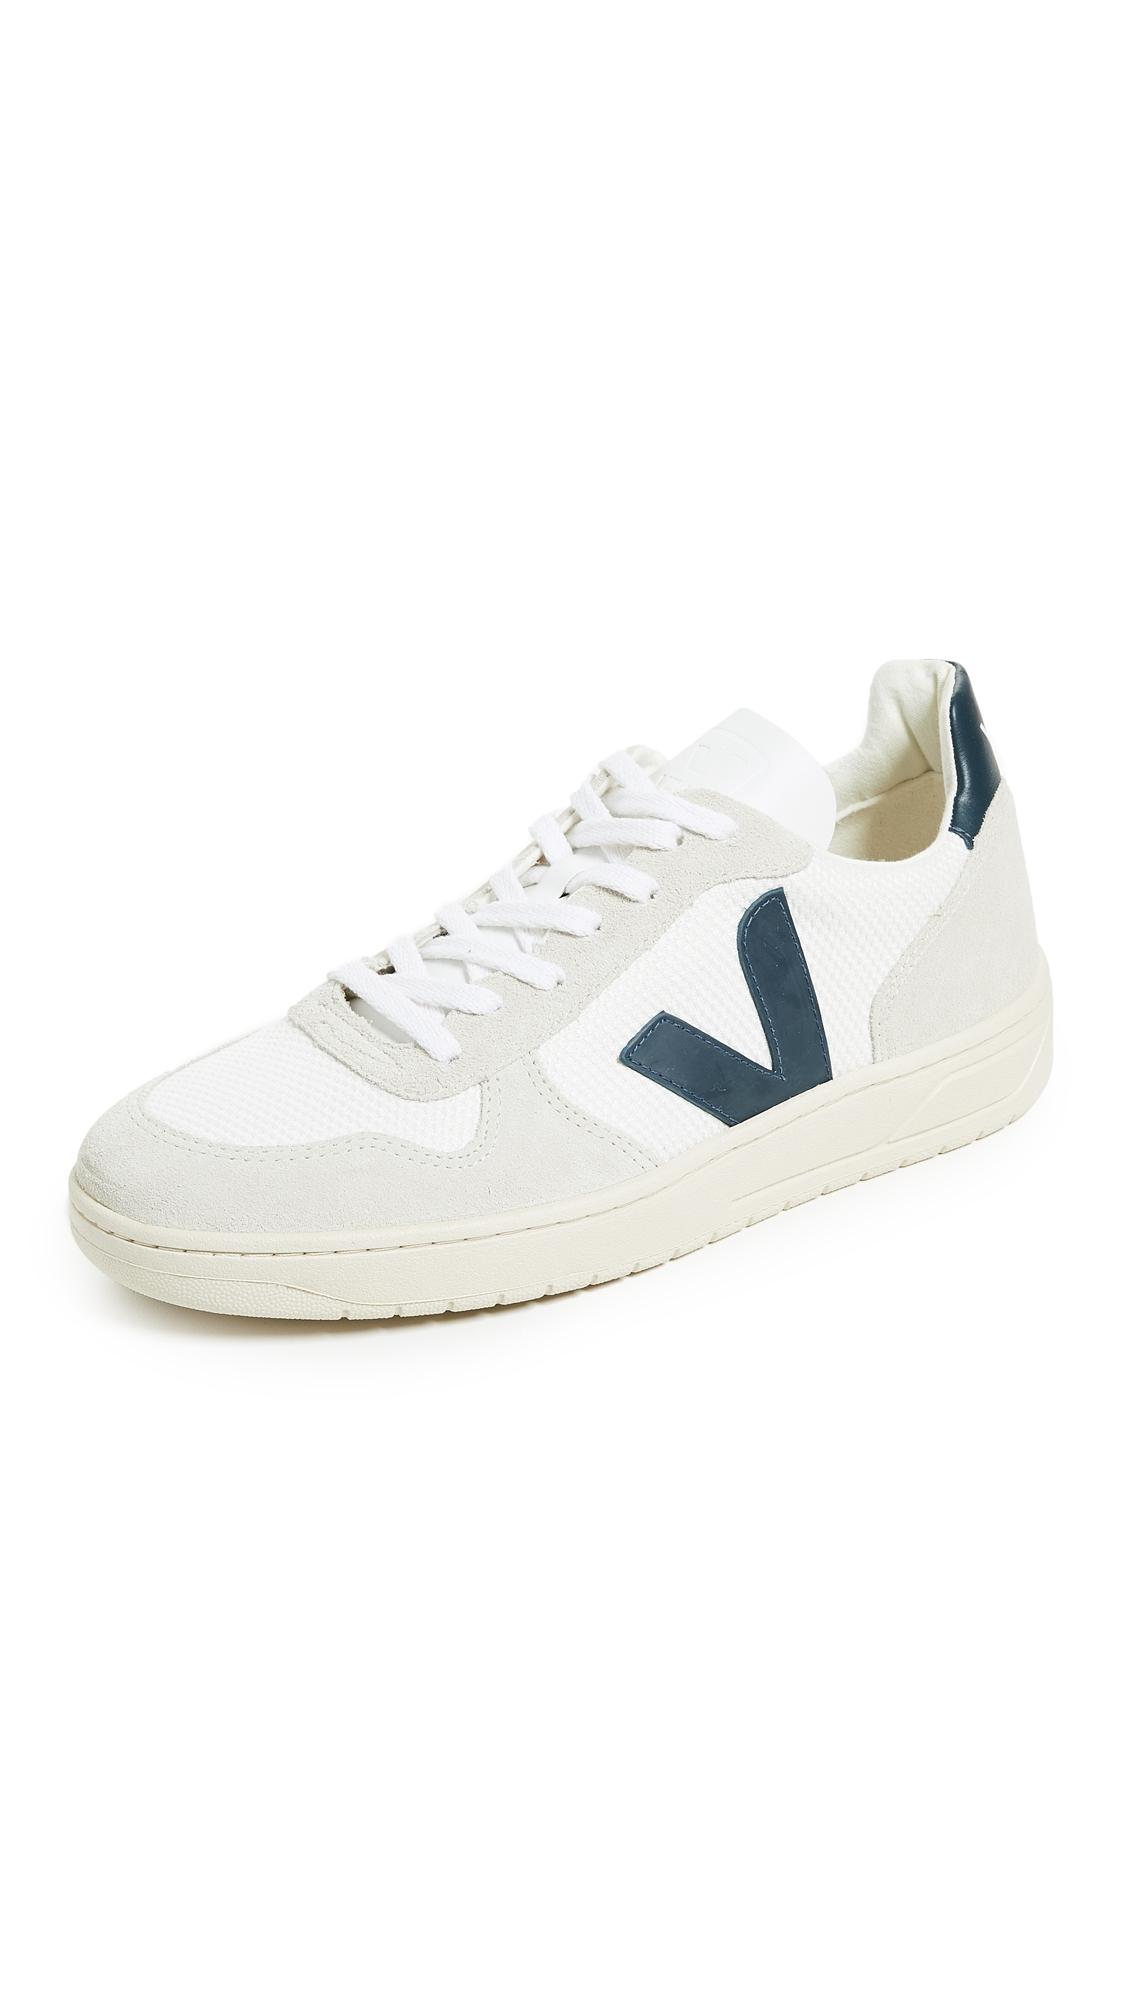 VEJA V 10 B Mesh Sneakers in White